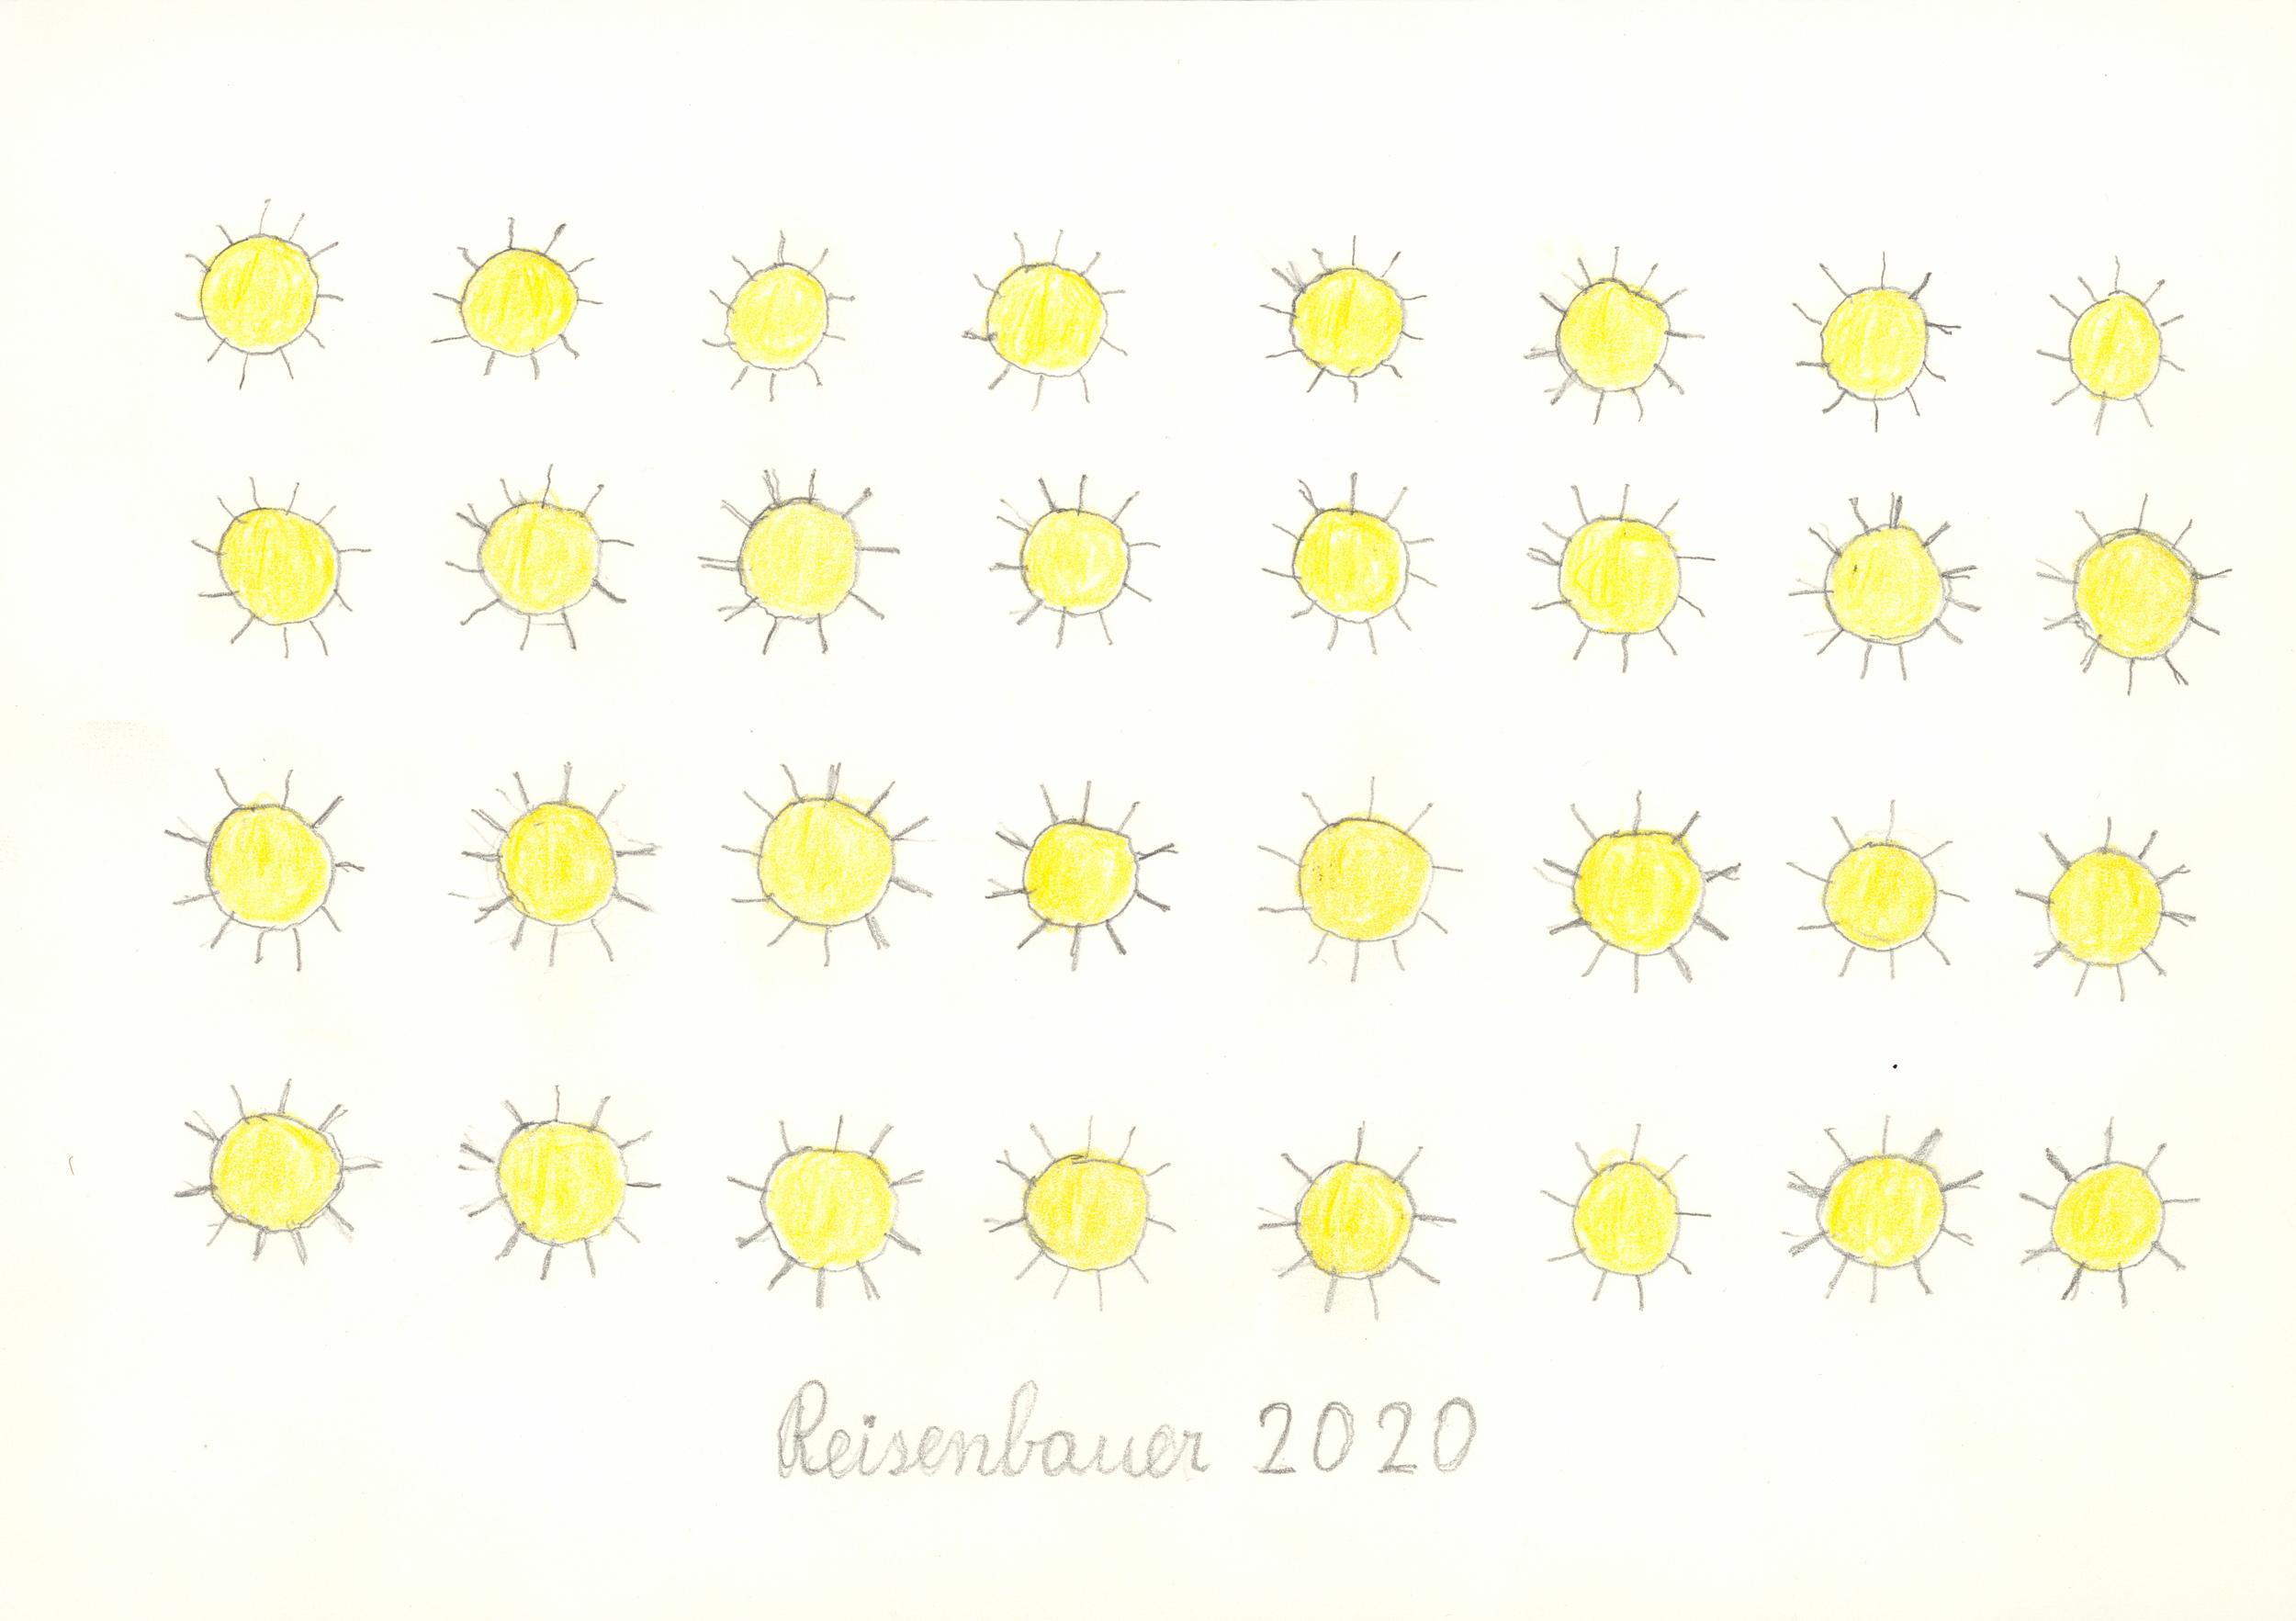 reisenbauer heinrich - Sonnen / Suns